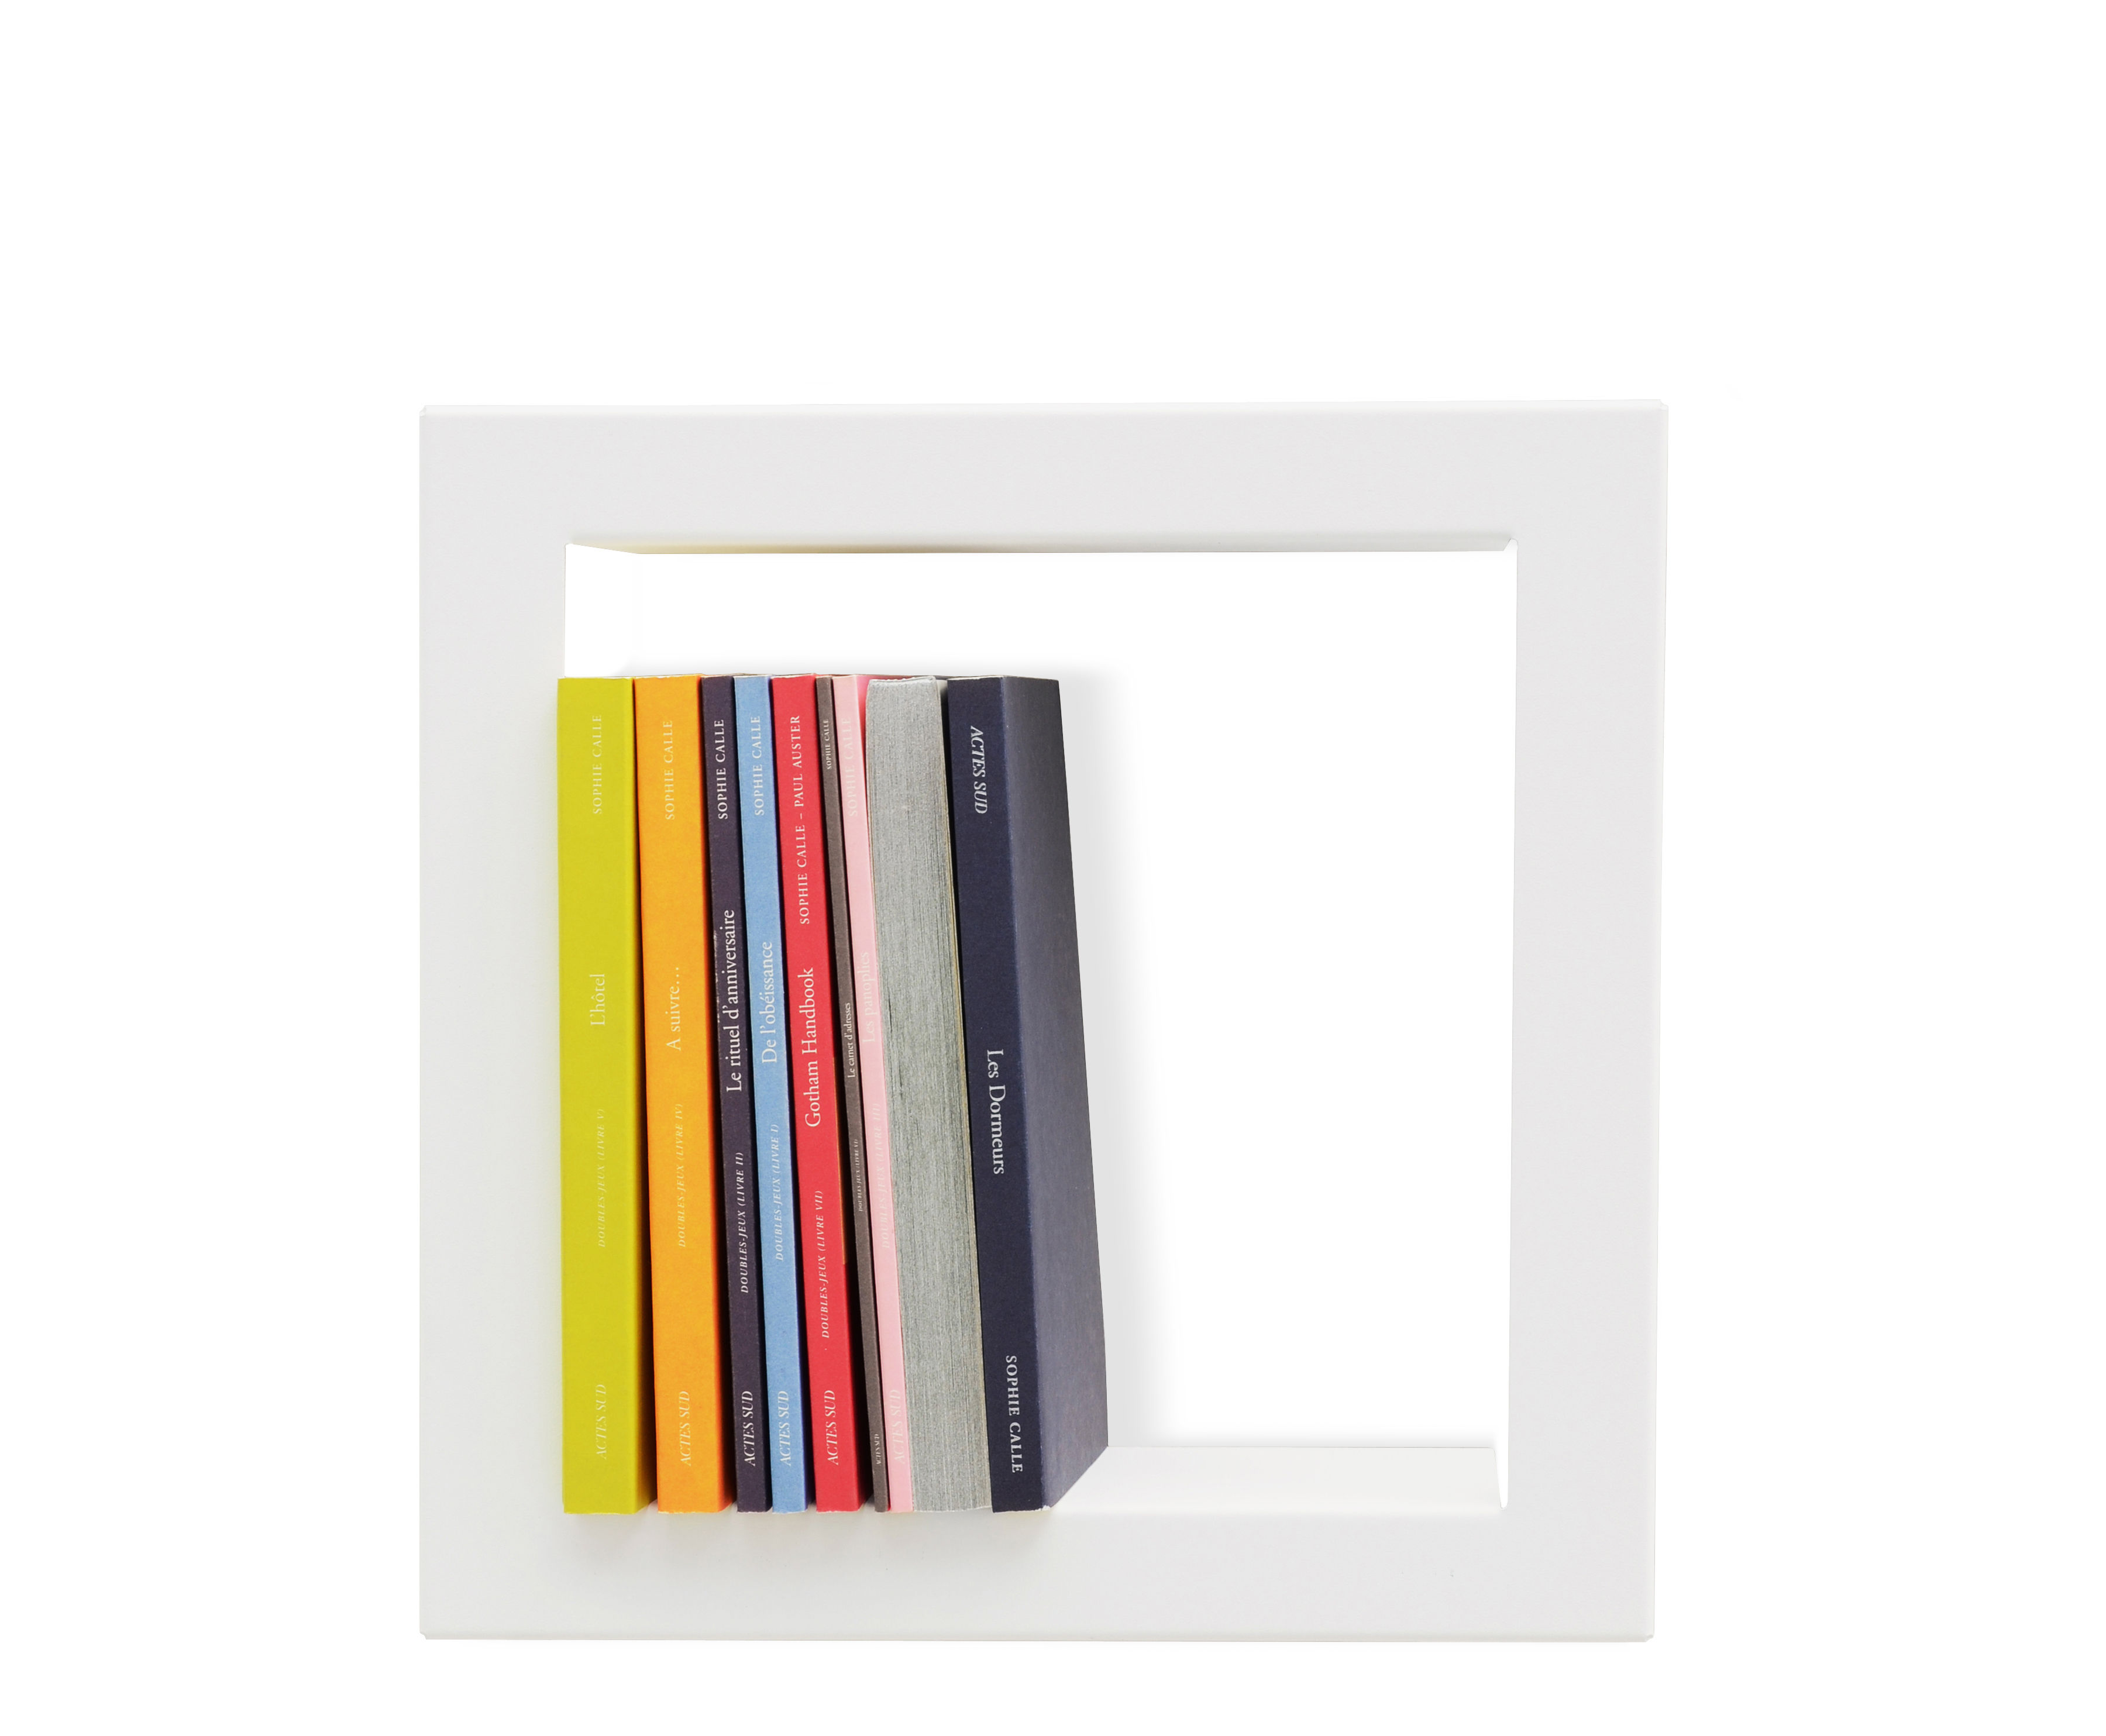 Mobilier - Etagères & bibliothèques - Etagère Stick / Métal - L 28 x H 28 cm - Presse citron - Blanc - Acier laqué